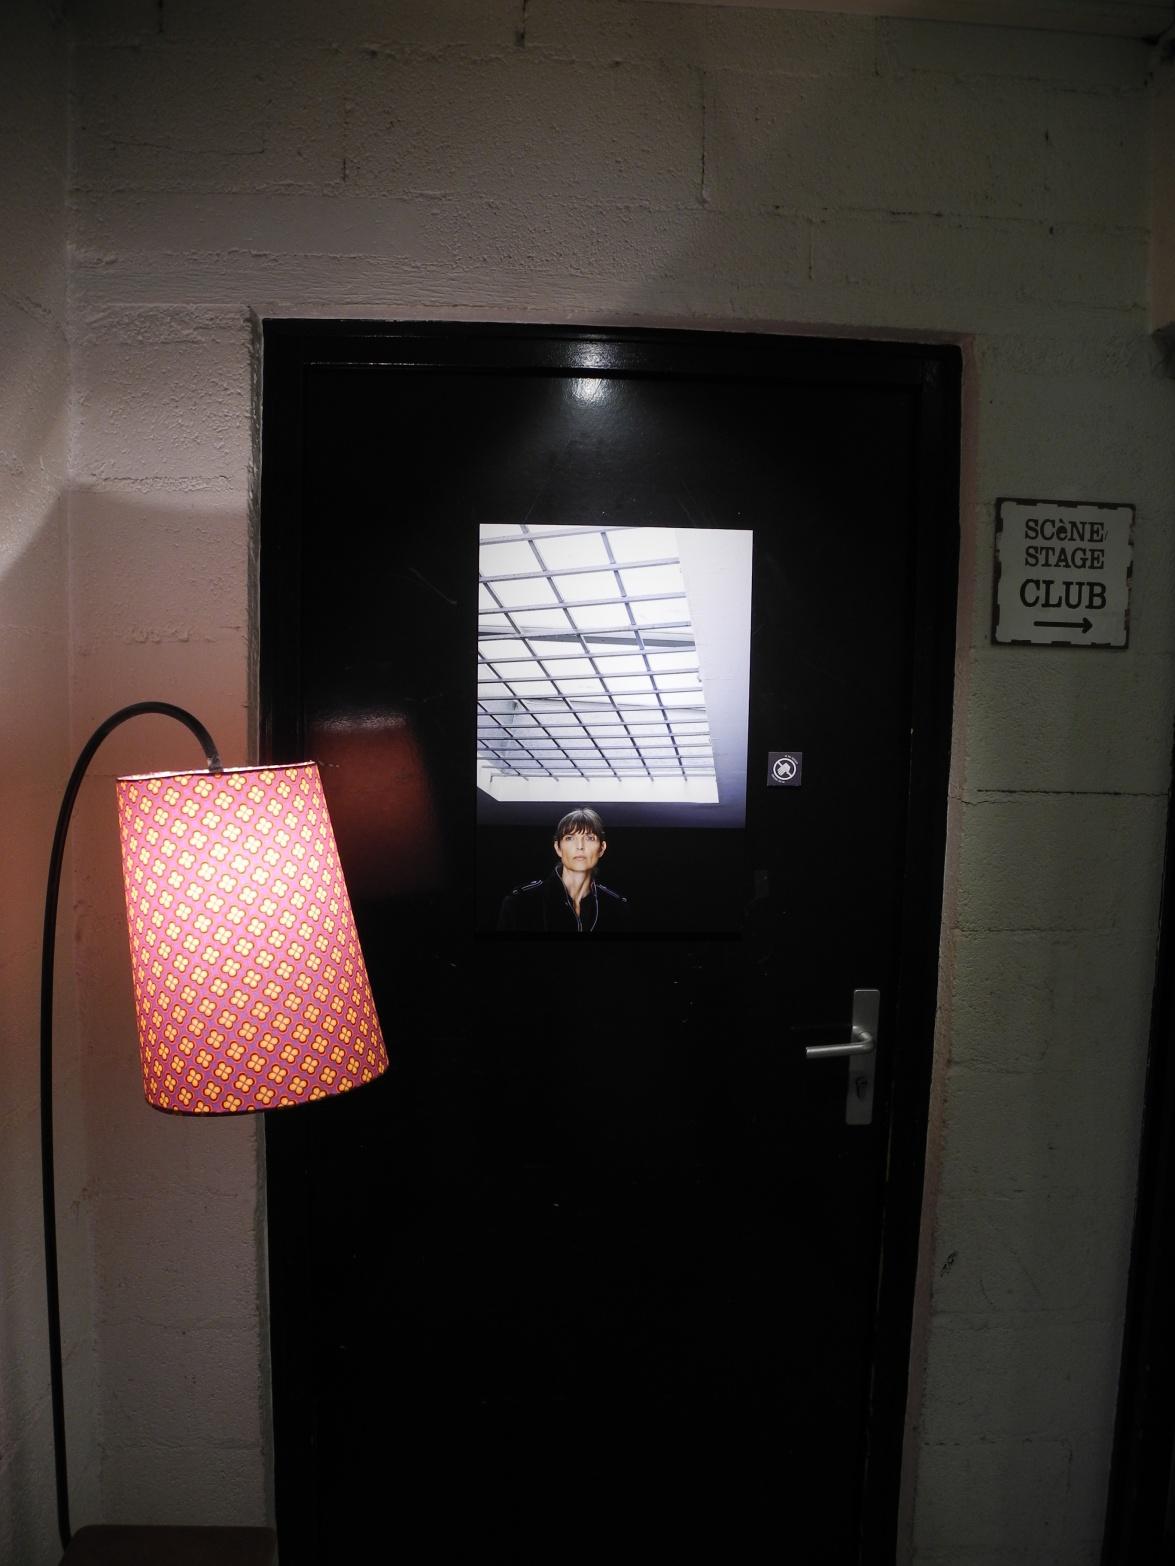 Auch geschlossene Türen öffnen die Pforten zur Wahrnehmung von Kunst